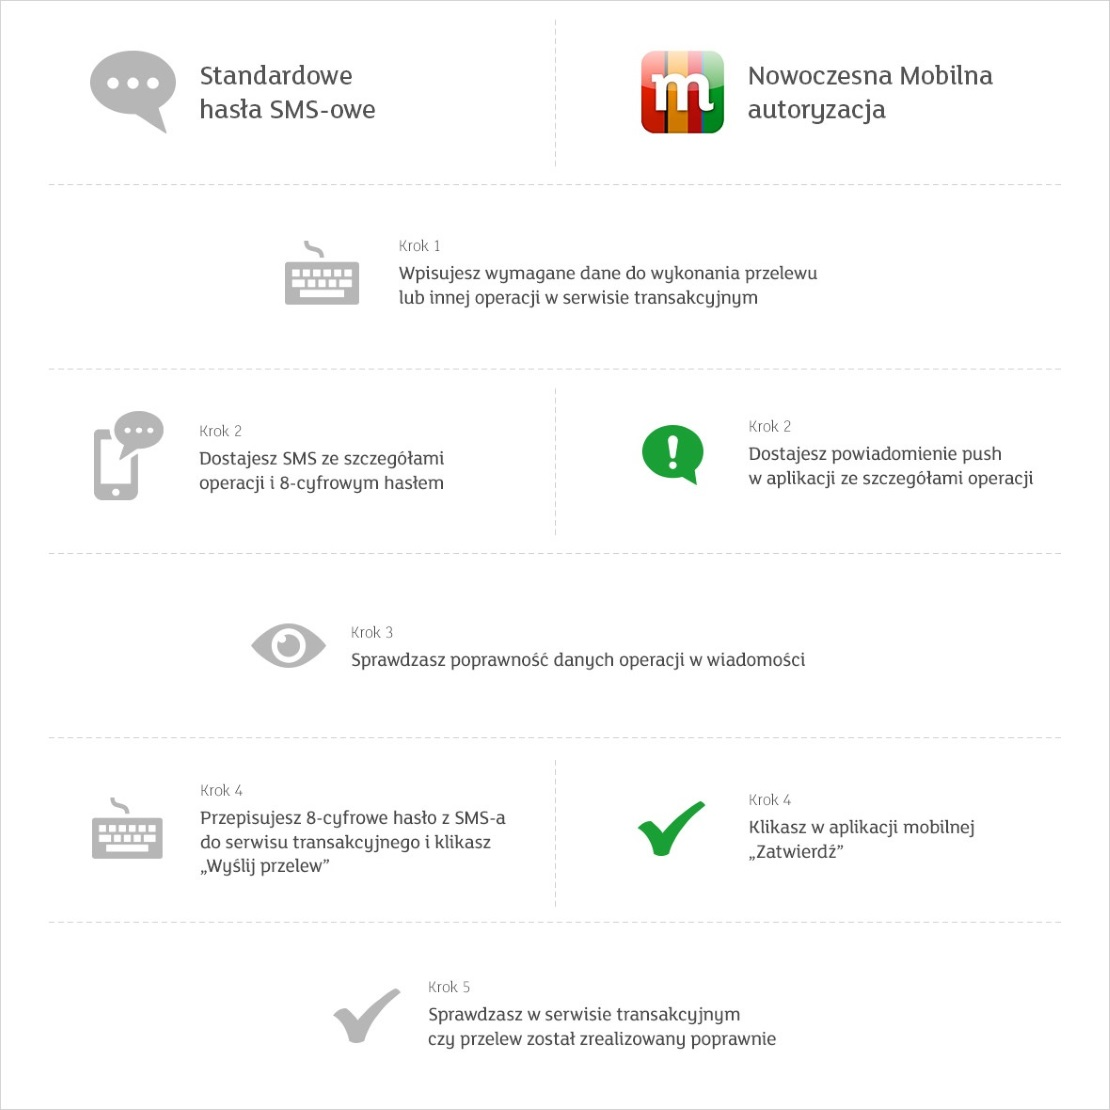 Mobilna autoryzacja vs. potwierdzenia SMS